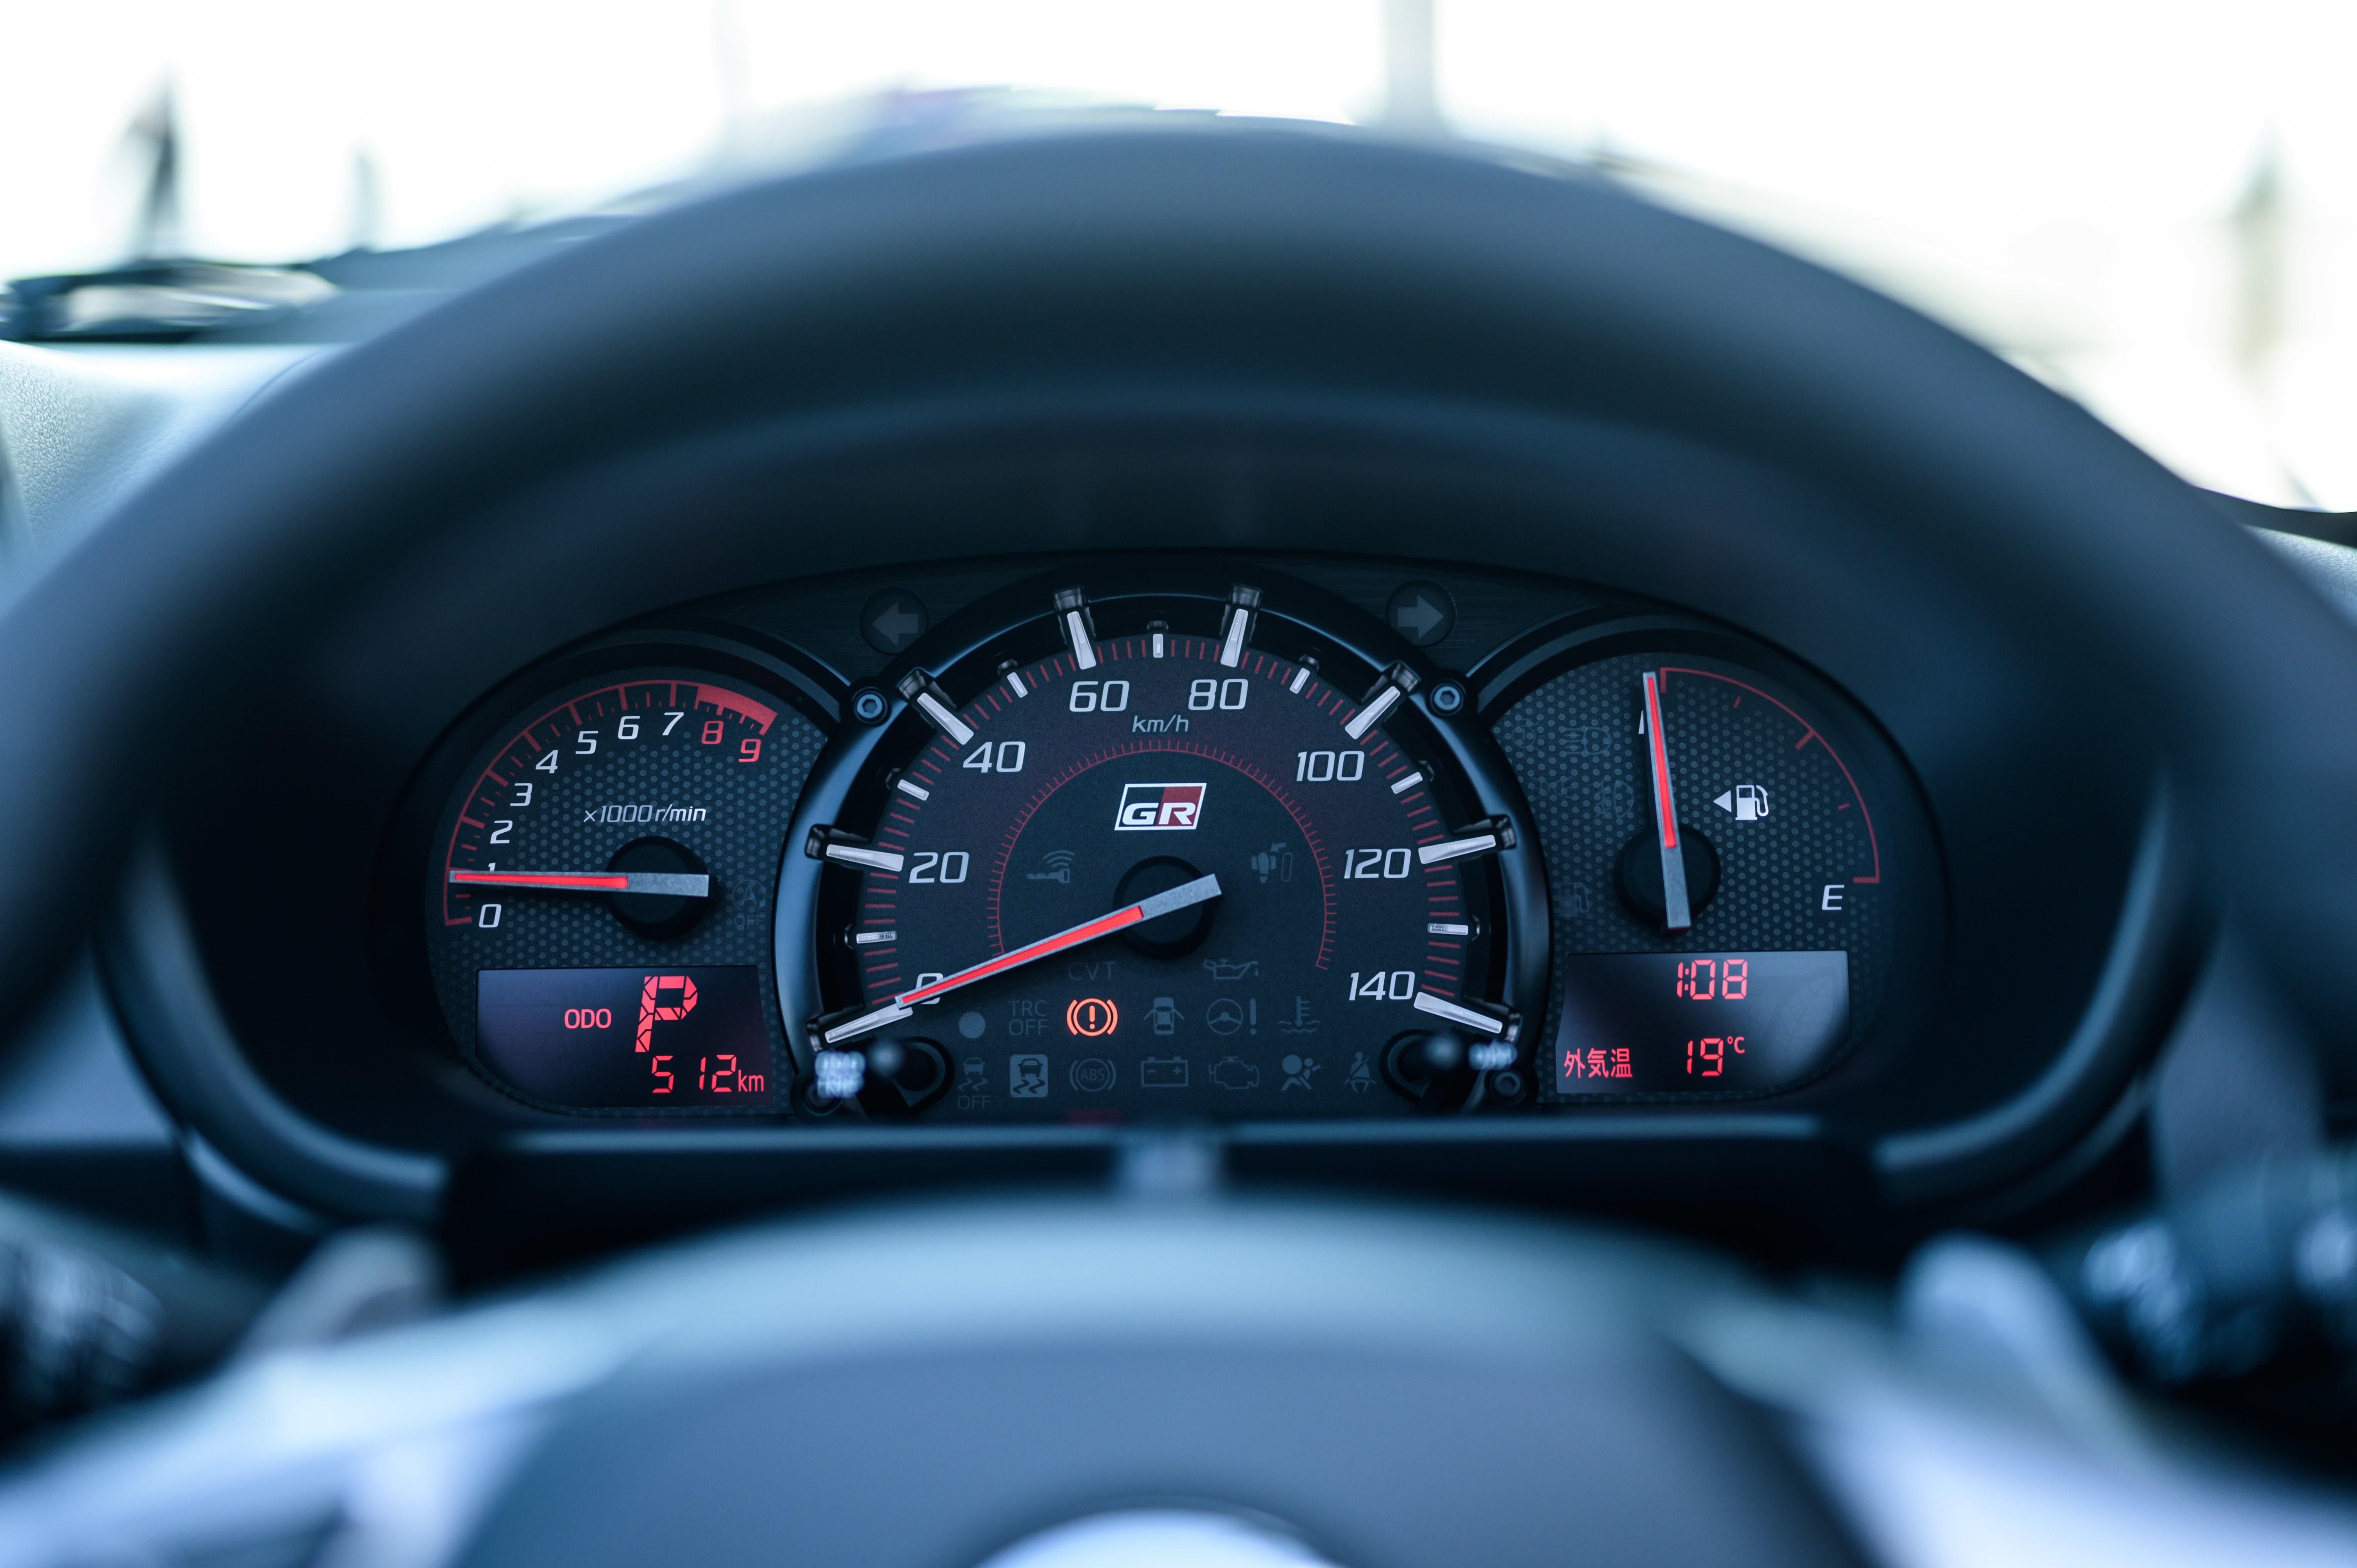 これぞスポーツカーの醍醐味だ!  トヨタ&ダイハツ コペン GRスポーツ試乗記